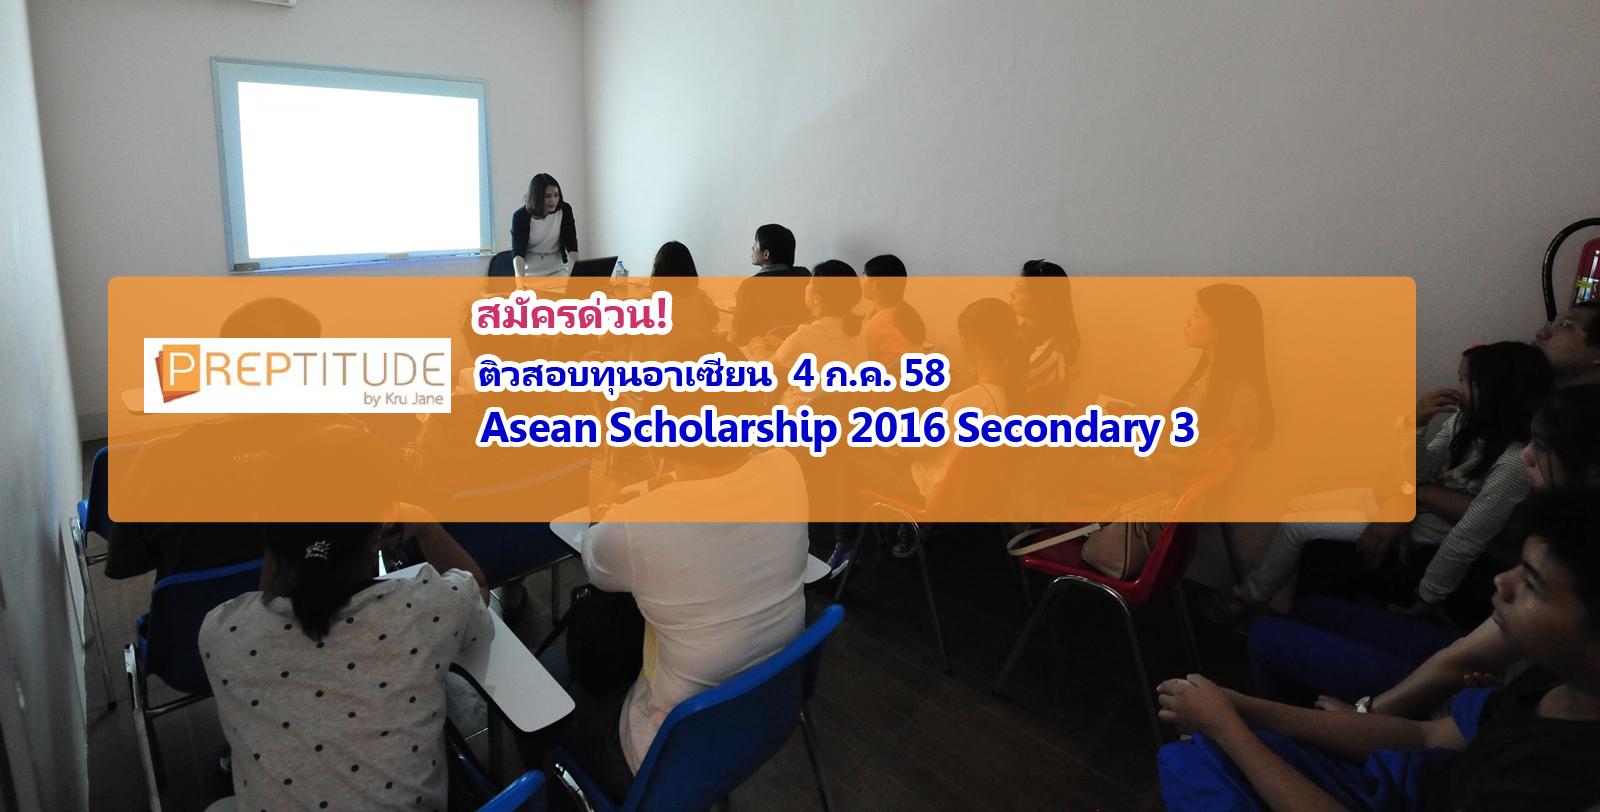 สมัครด่วน ติวสอบทุนอาเซียน ASEAN Scholarships เสาร์ 4 ก.ค. 58